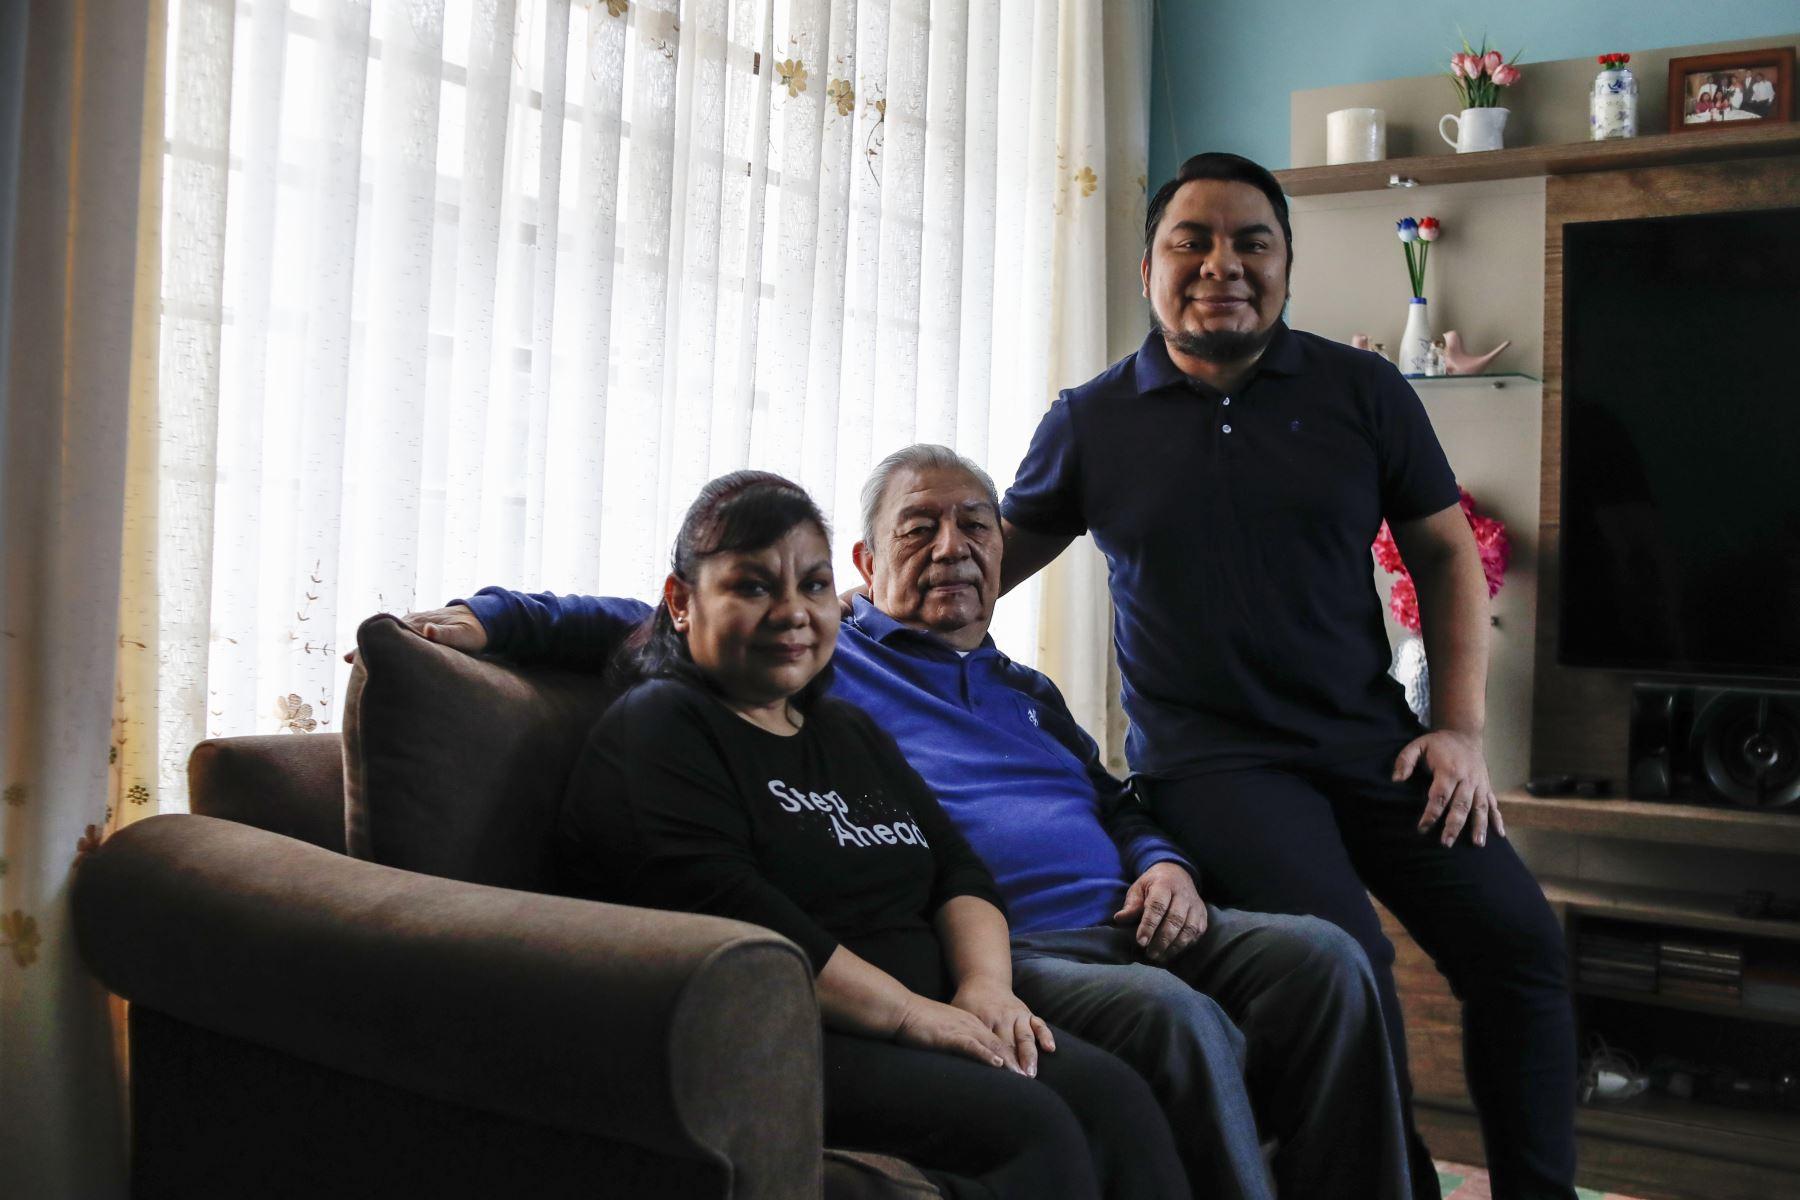 Moisés Piscoya, junto a su padre y hermana en su hogar. Foto: ANDINA/Presidencia/Renato Pajuelo